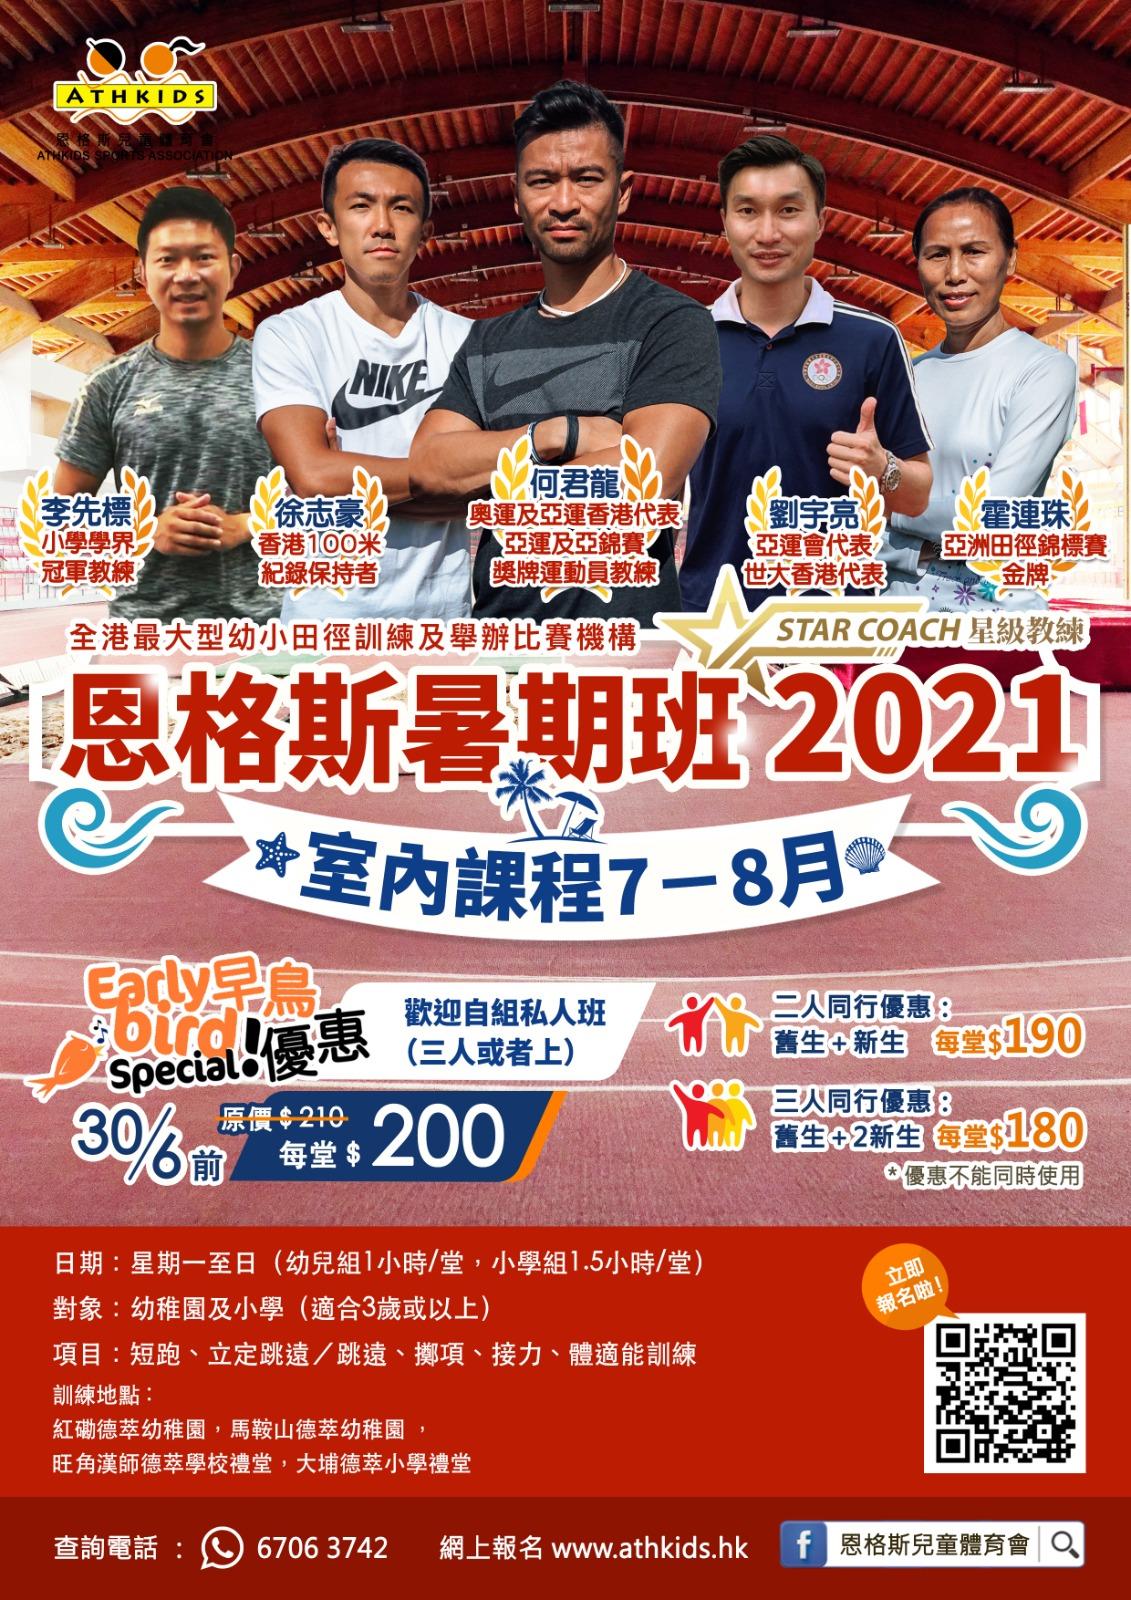 【2021恩格斯暑期田徑班(室內課程7-8月)】(現正招生)